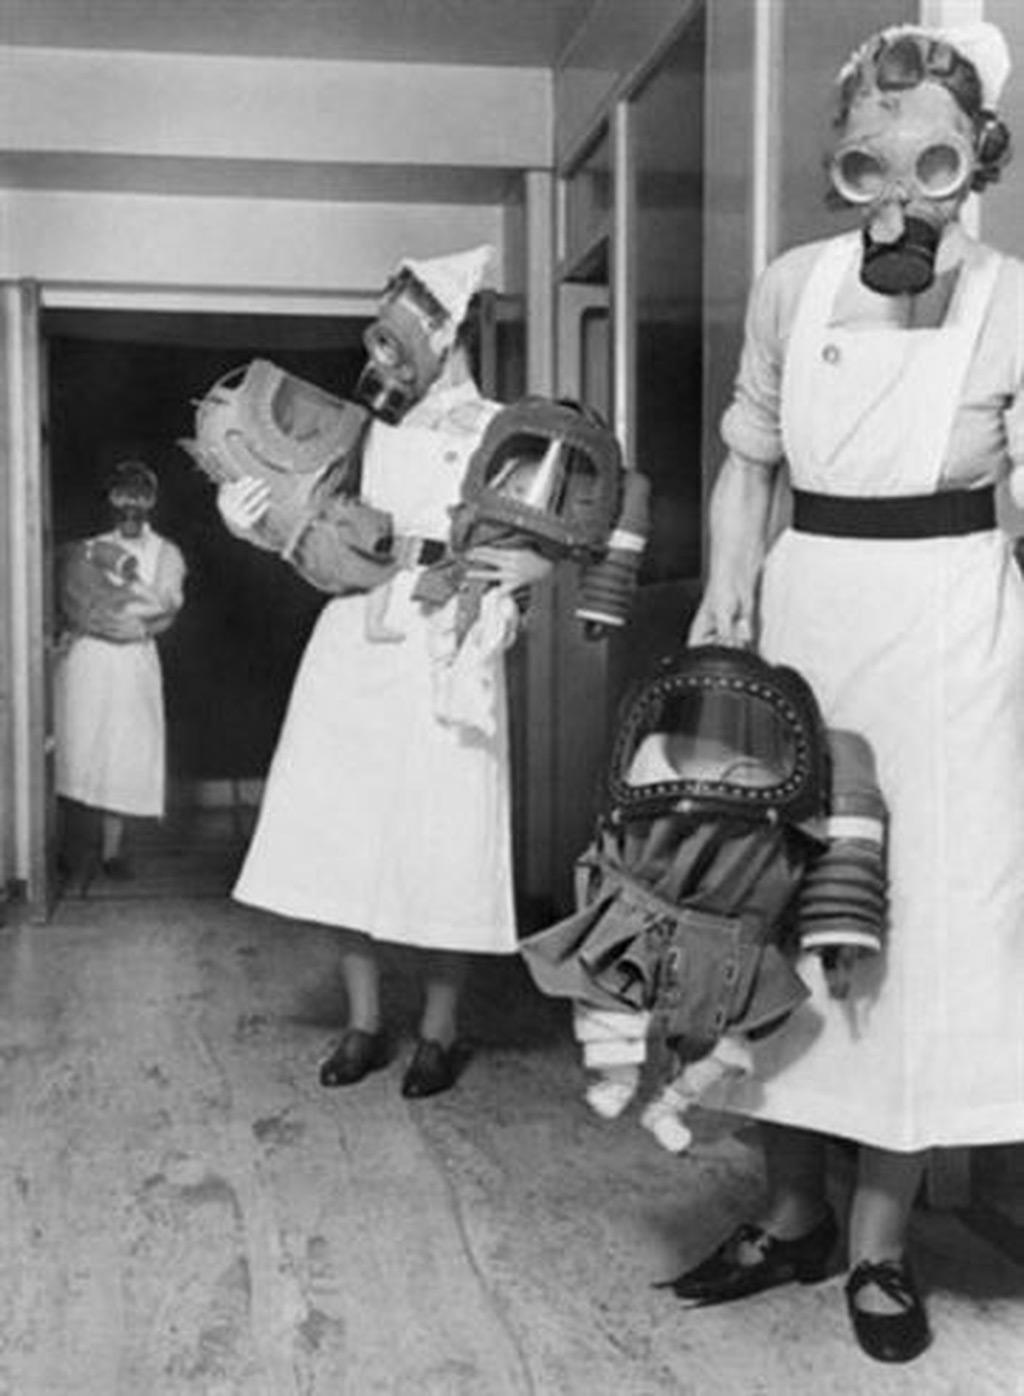 Kiểm tra mặt nạ khí của những đứa bé tại một bệnh viện ở Anh vào năm 1940